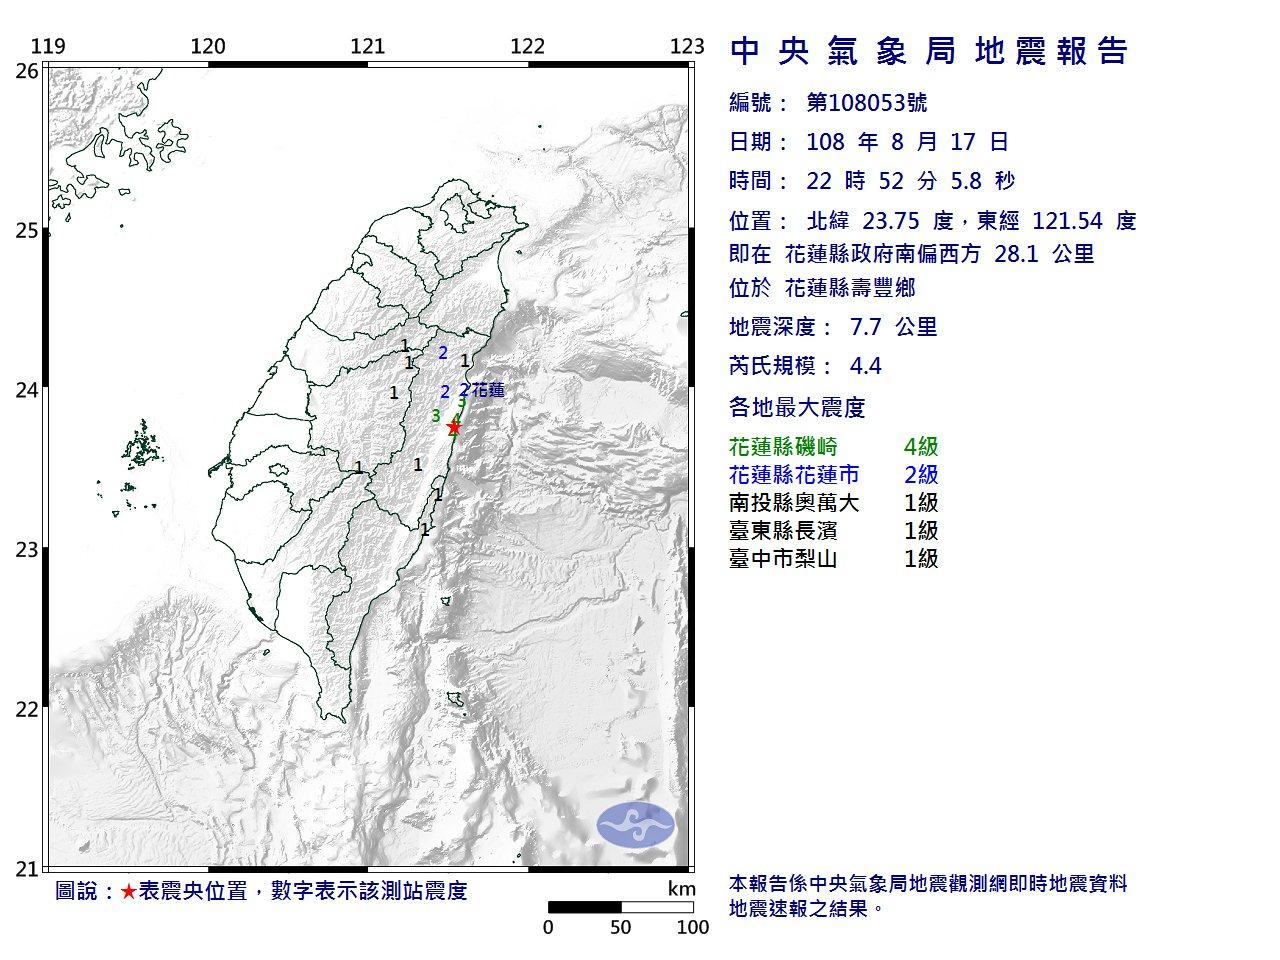 圖/取自中央氣象局網頁